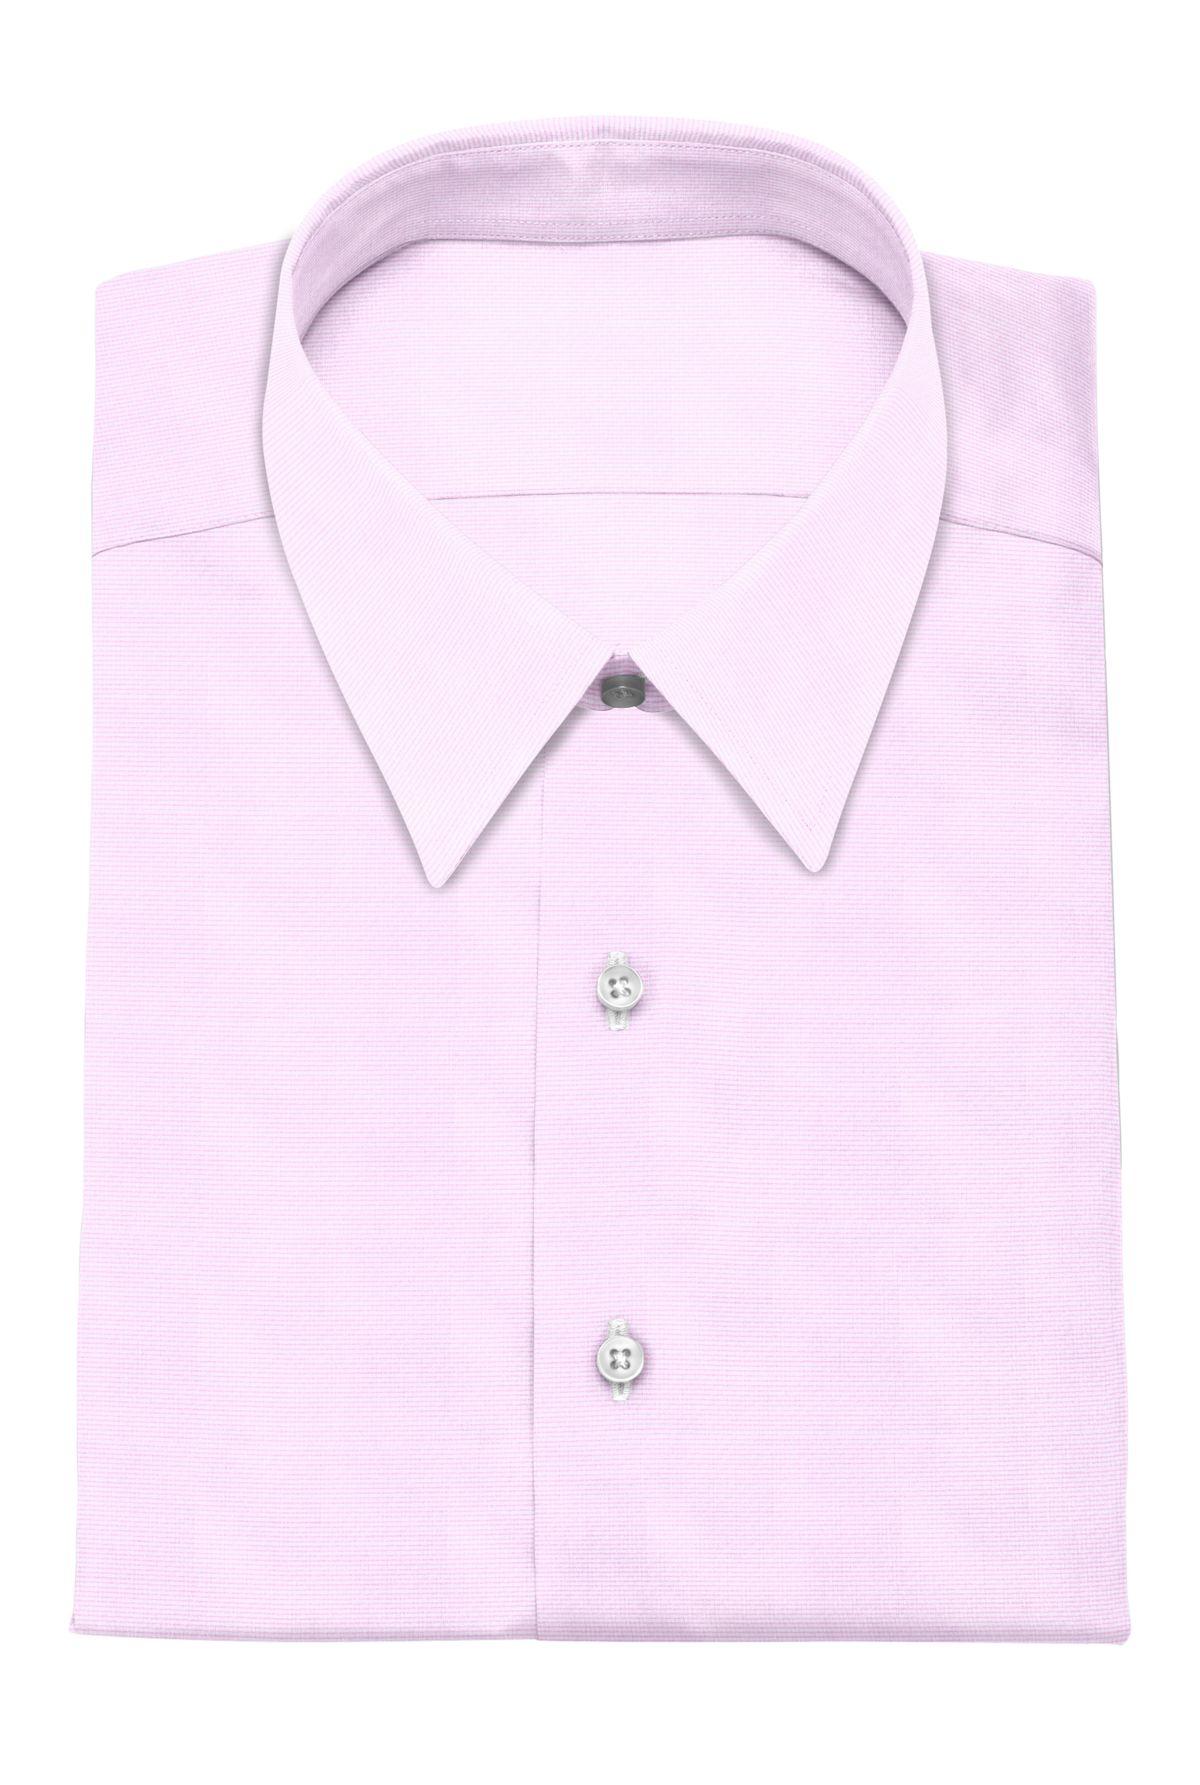 chemise homme rose carreaux tailor corner. Black Bedroom Furniture Sets. Home Design Ideas